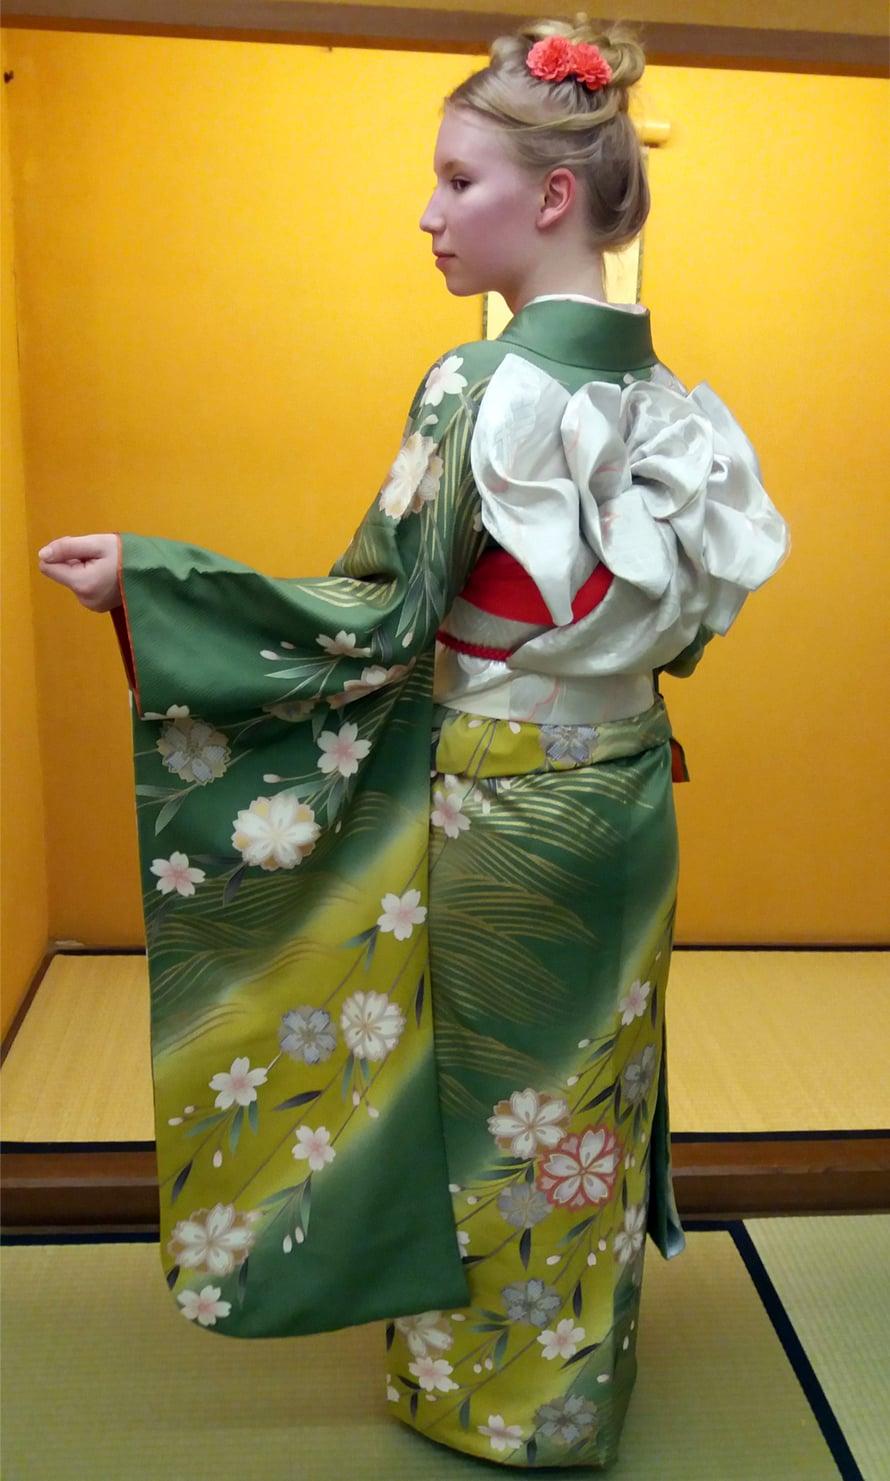 Kertun matkaseuralainen, tyttärentytär, kimonoasussaan.